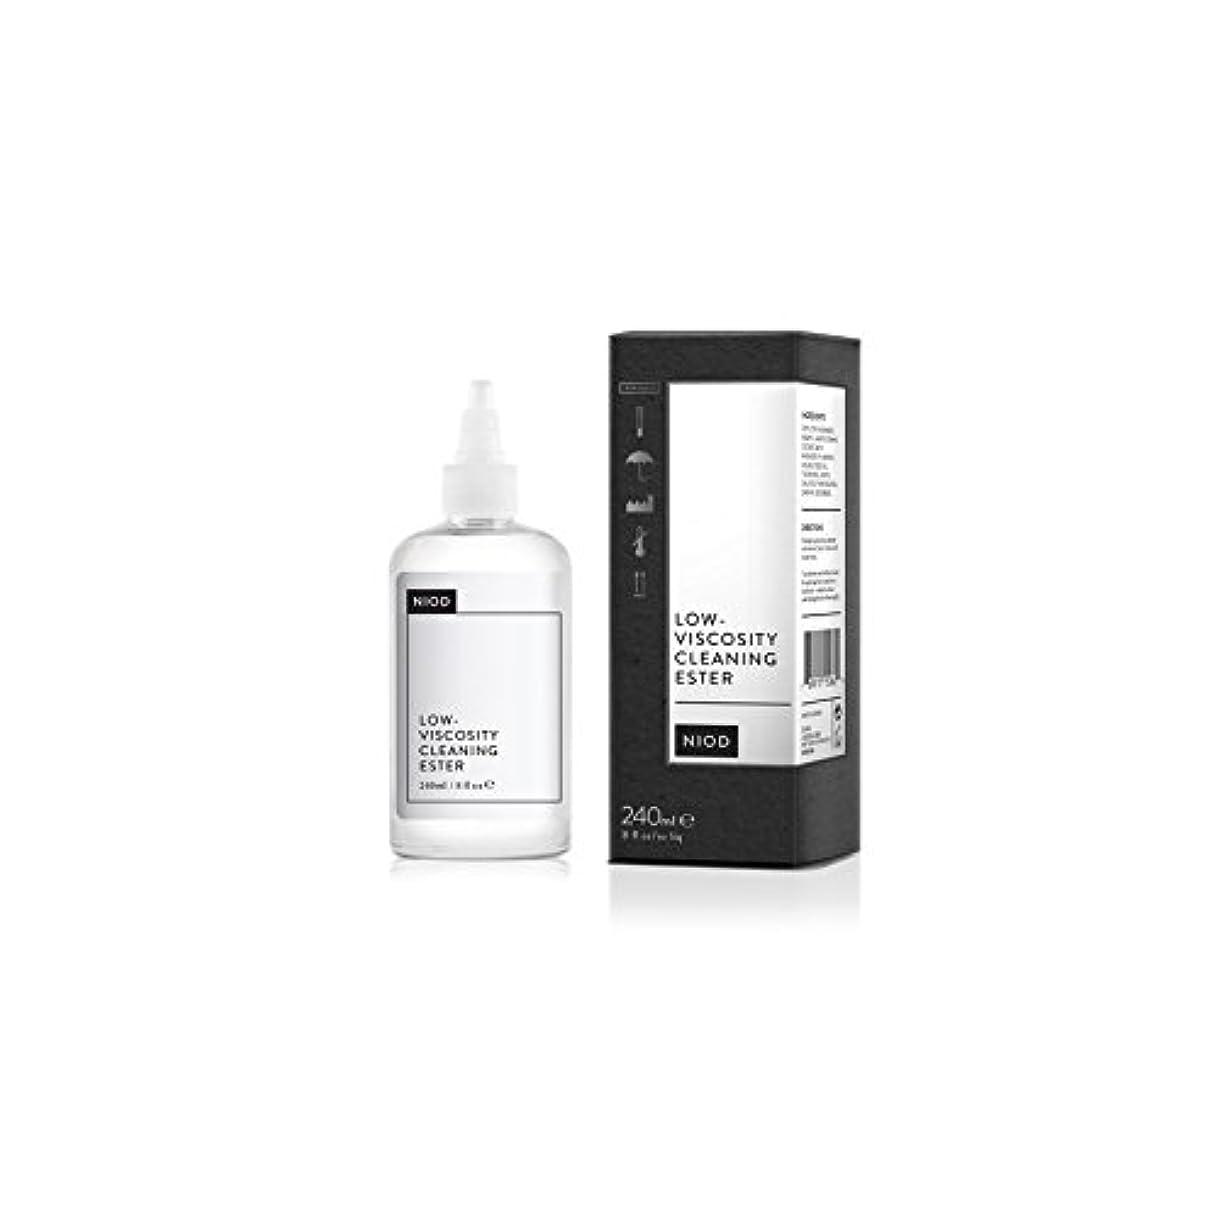 ブラシブラウズギャロップ低粘度のクリーニングエステル(240ミリリットル) x2 - Niod Low-Viscosity Cleaning Ester (240ml) (Pack of 2) [並行輸入品]